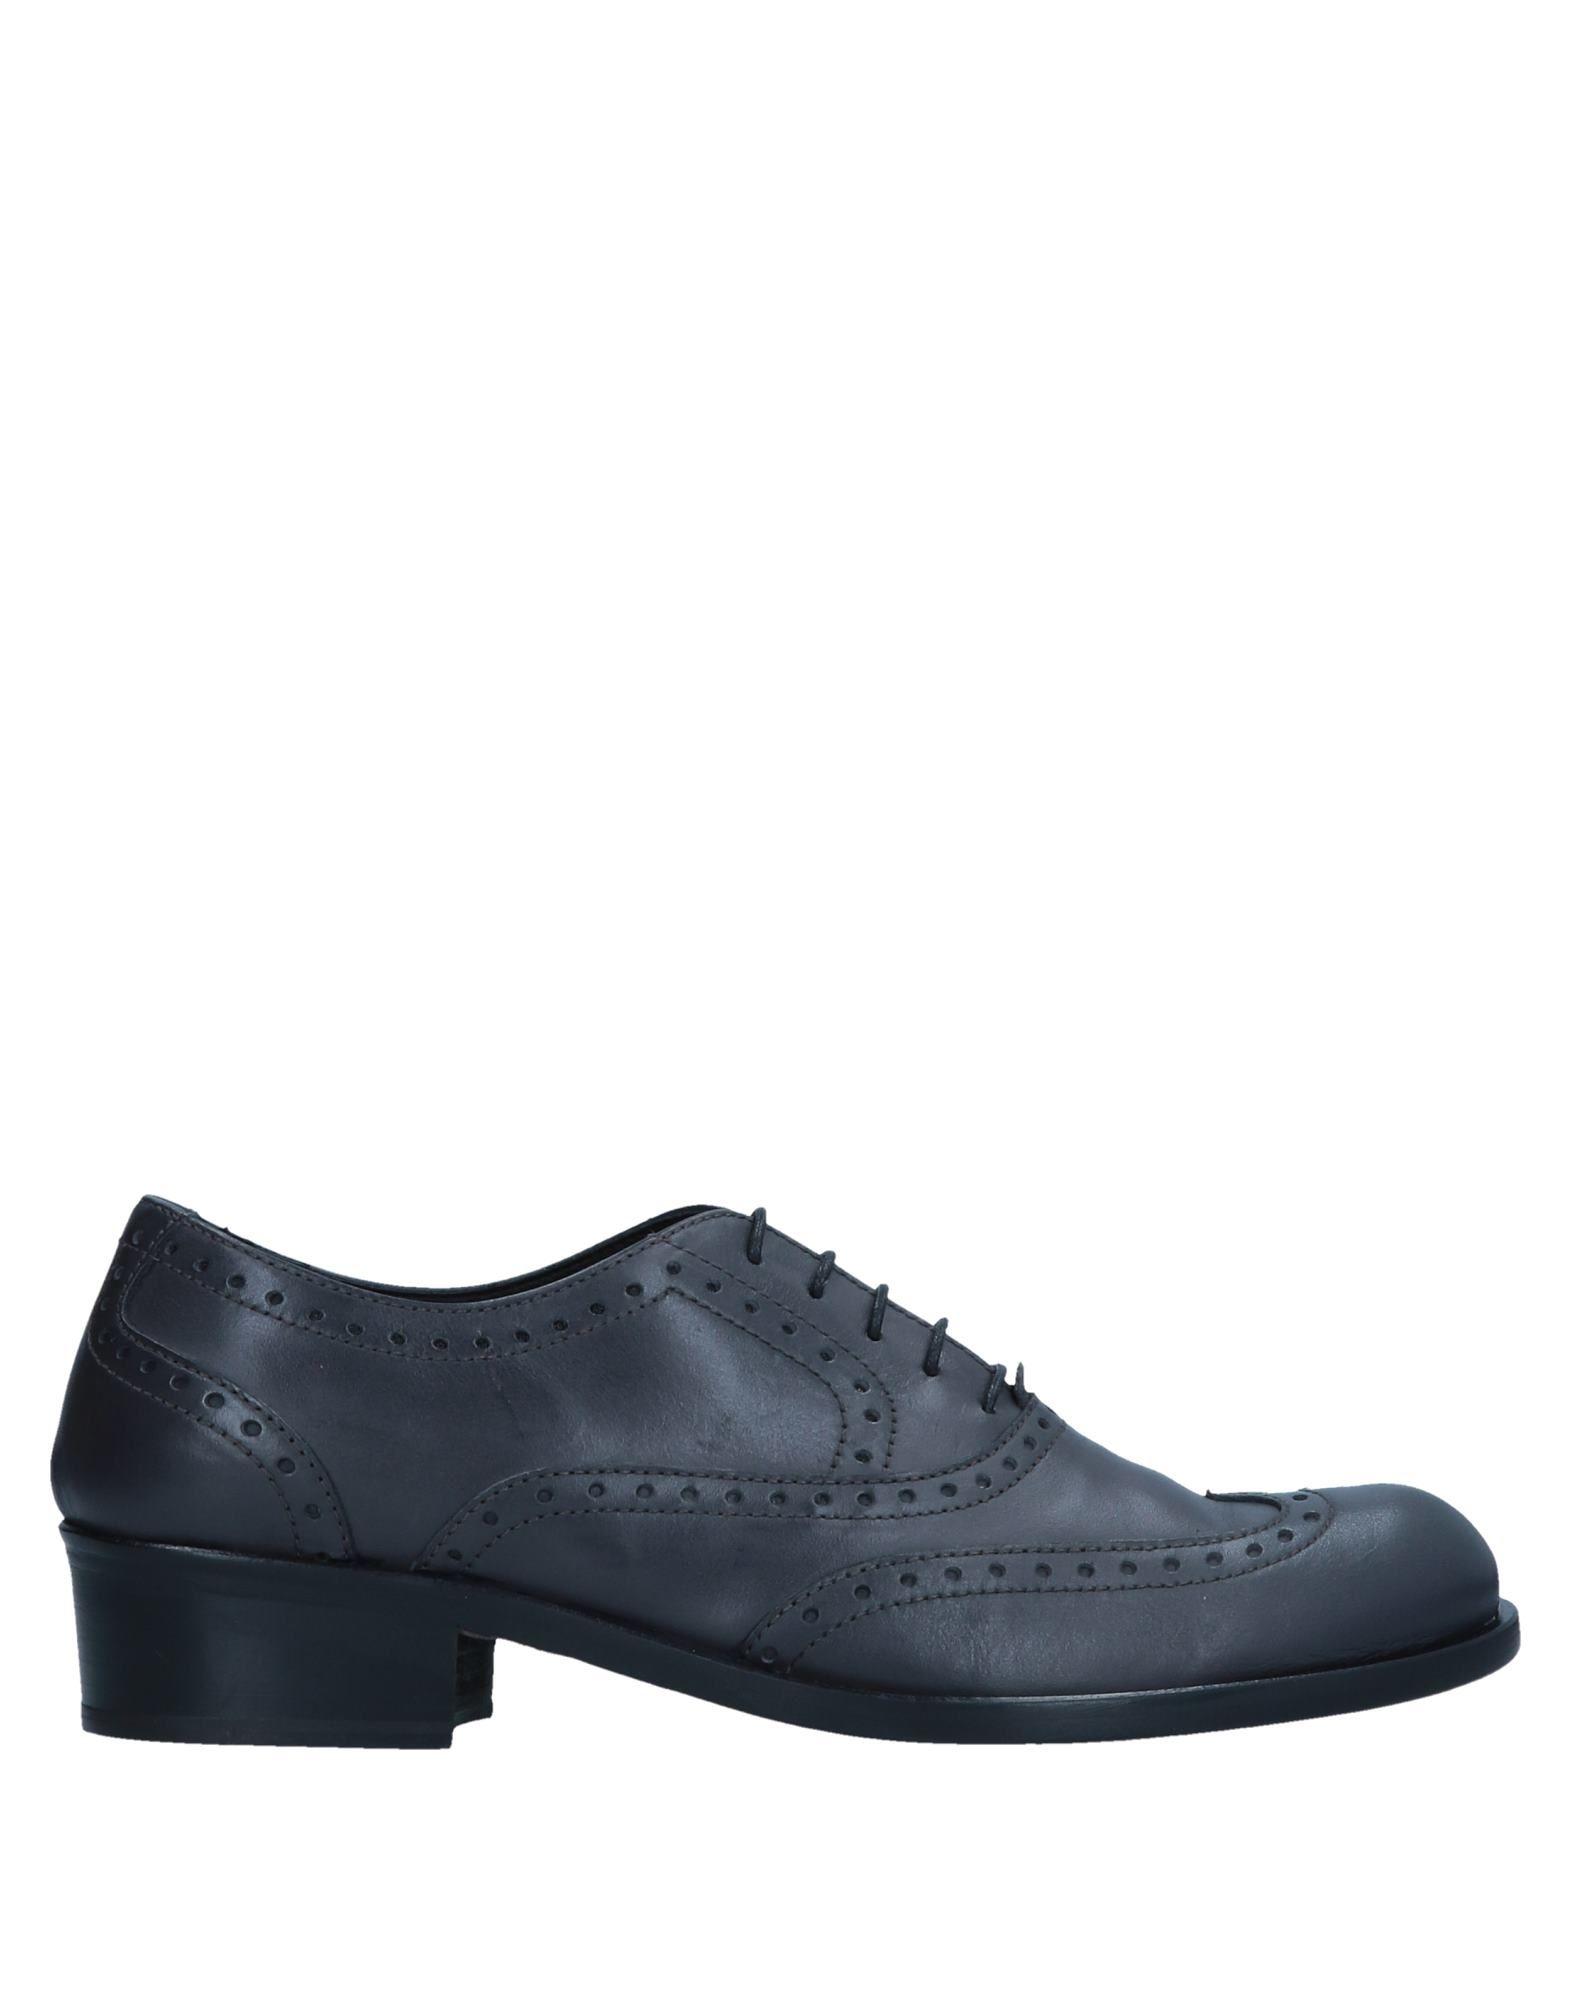 GIANFRANCO LATTANZI | GIANFRANCO LATTANZI Lace-up shoes | Goxip